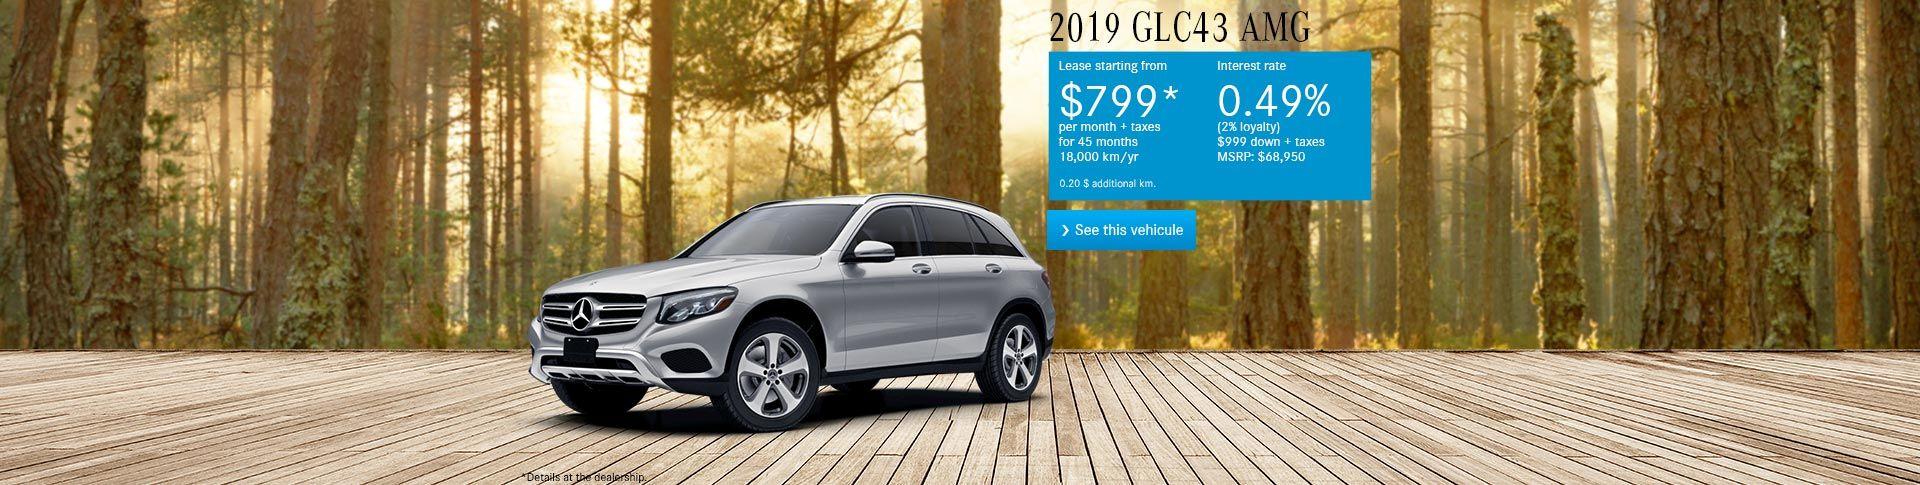 2019 GLC43 AMG